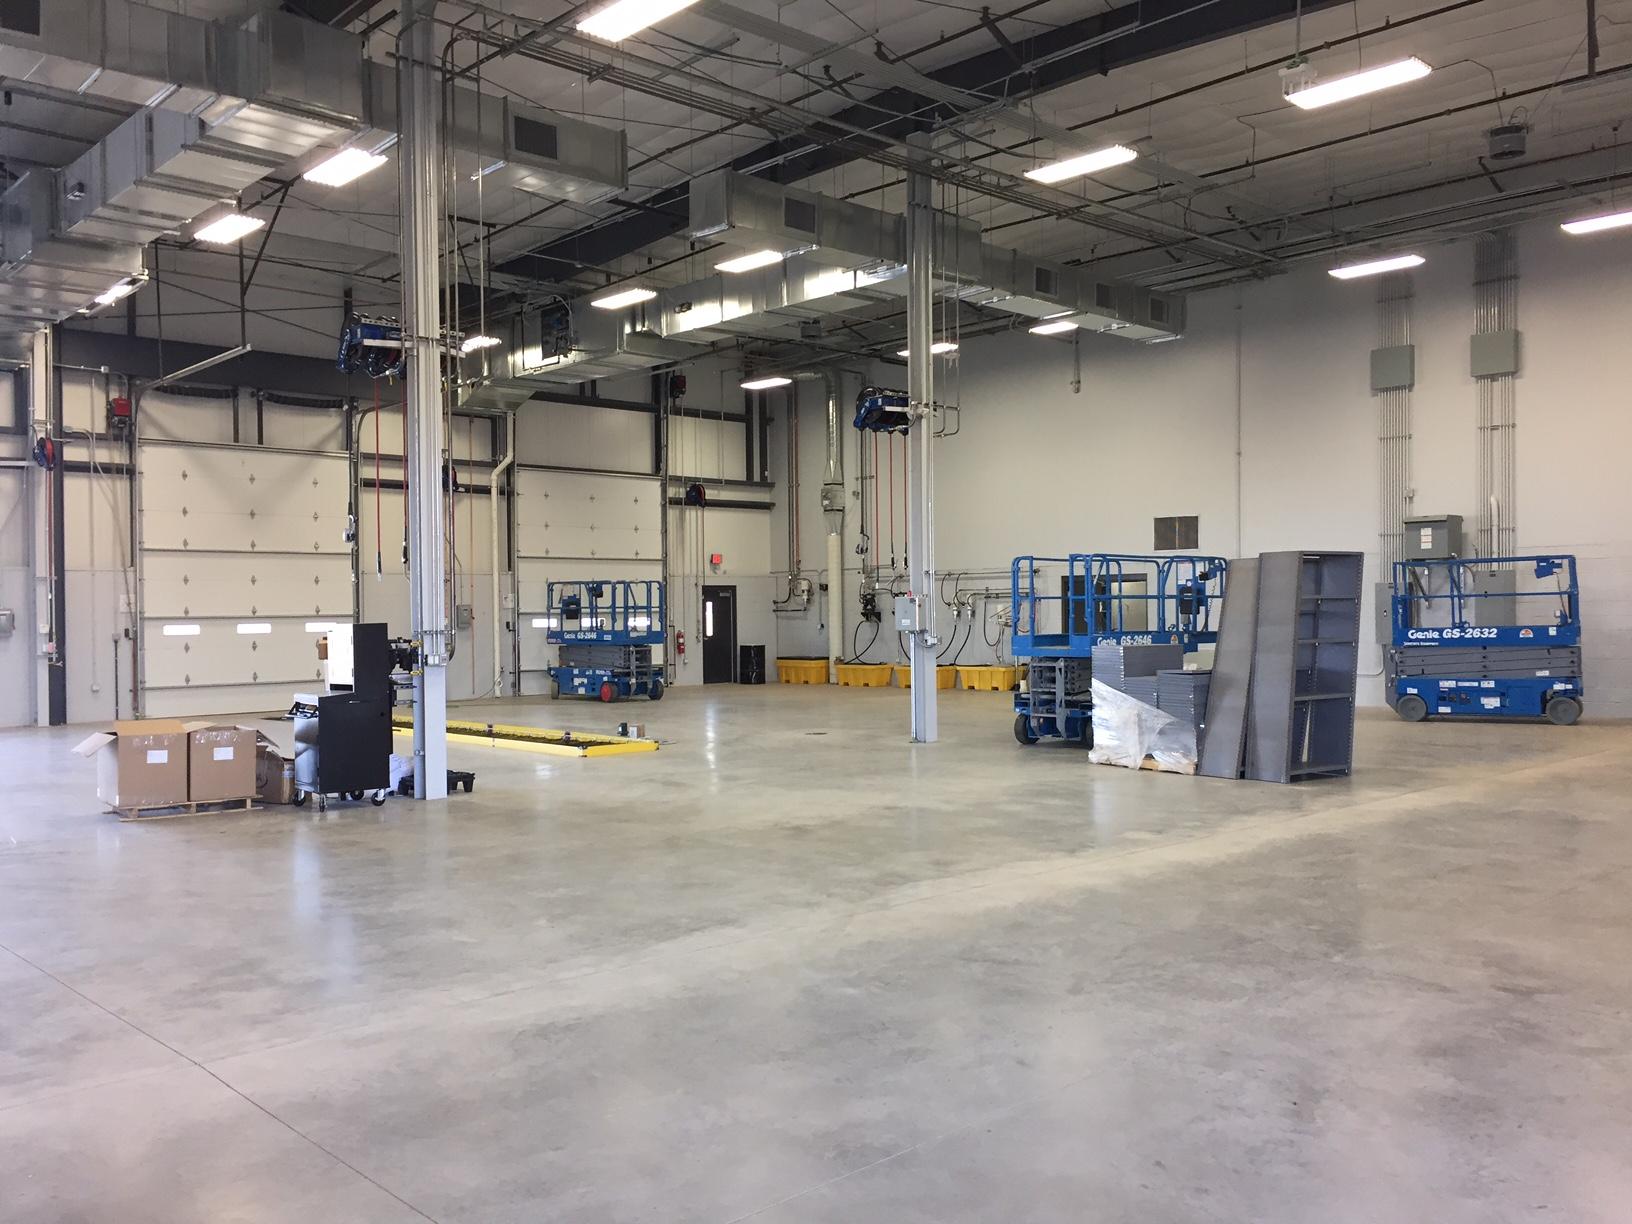 Schneider Phoenix Facility Maintenance Bays